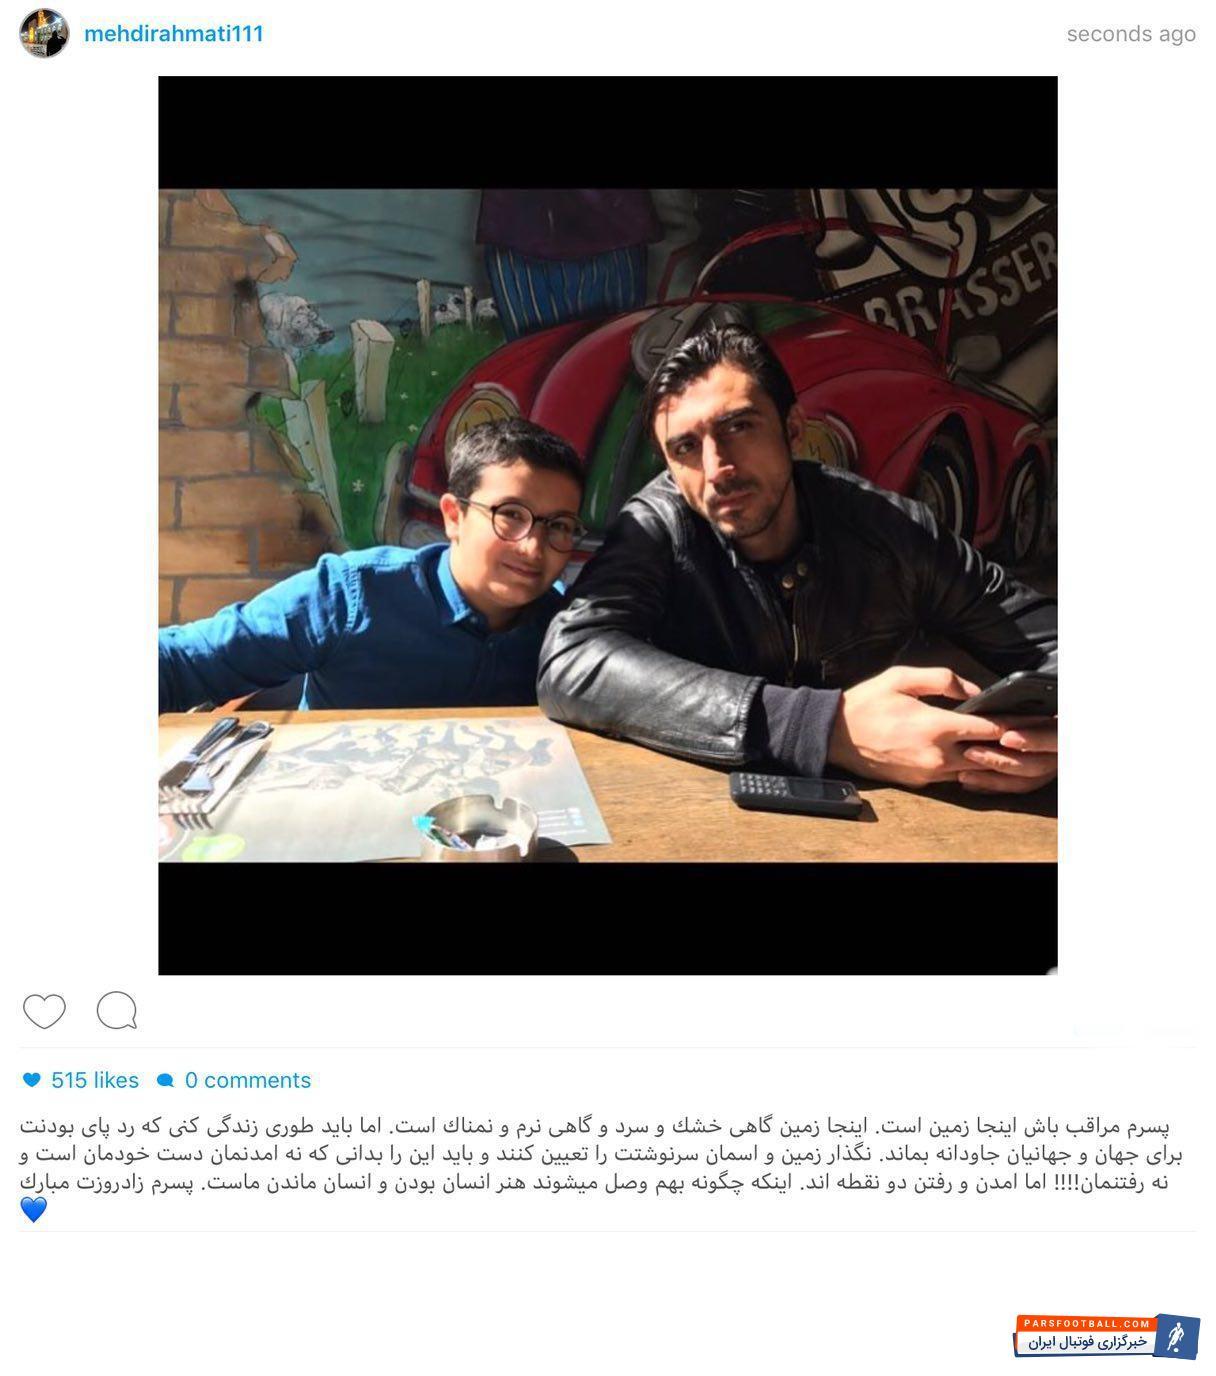 """عکس ؛ پست اینستاگرام متفاوت دروازه بان """" استقلال """" خبرساز شد"""